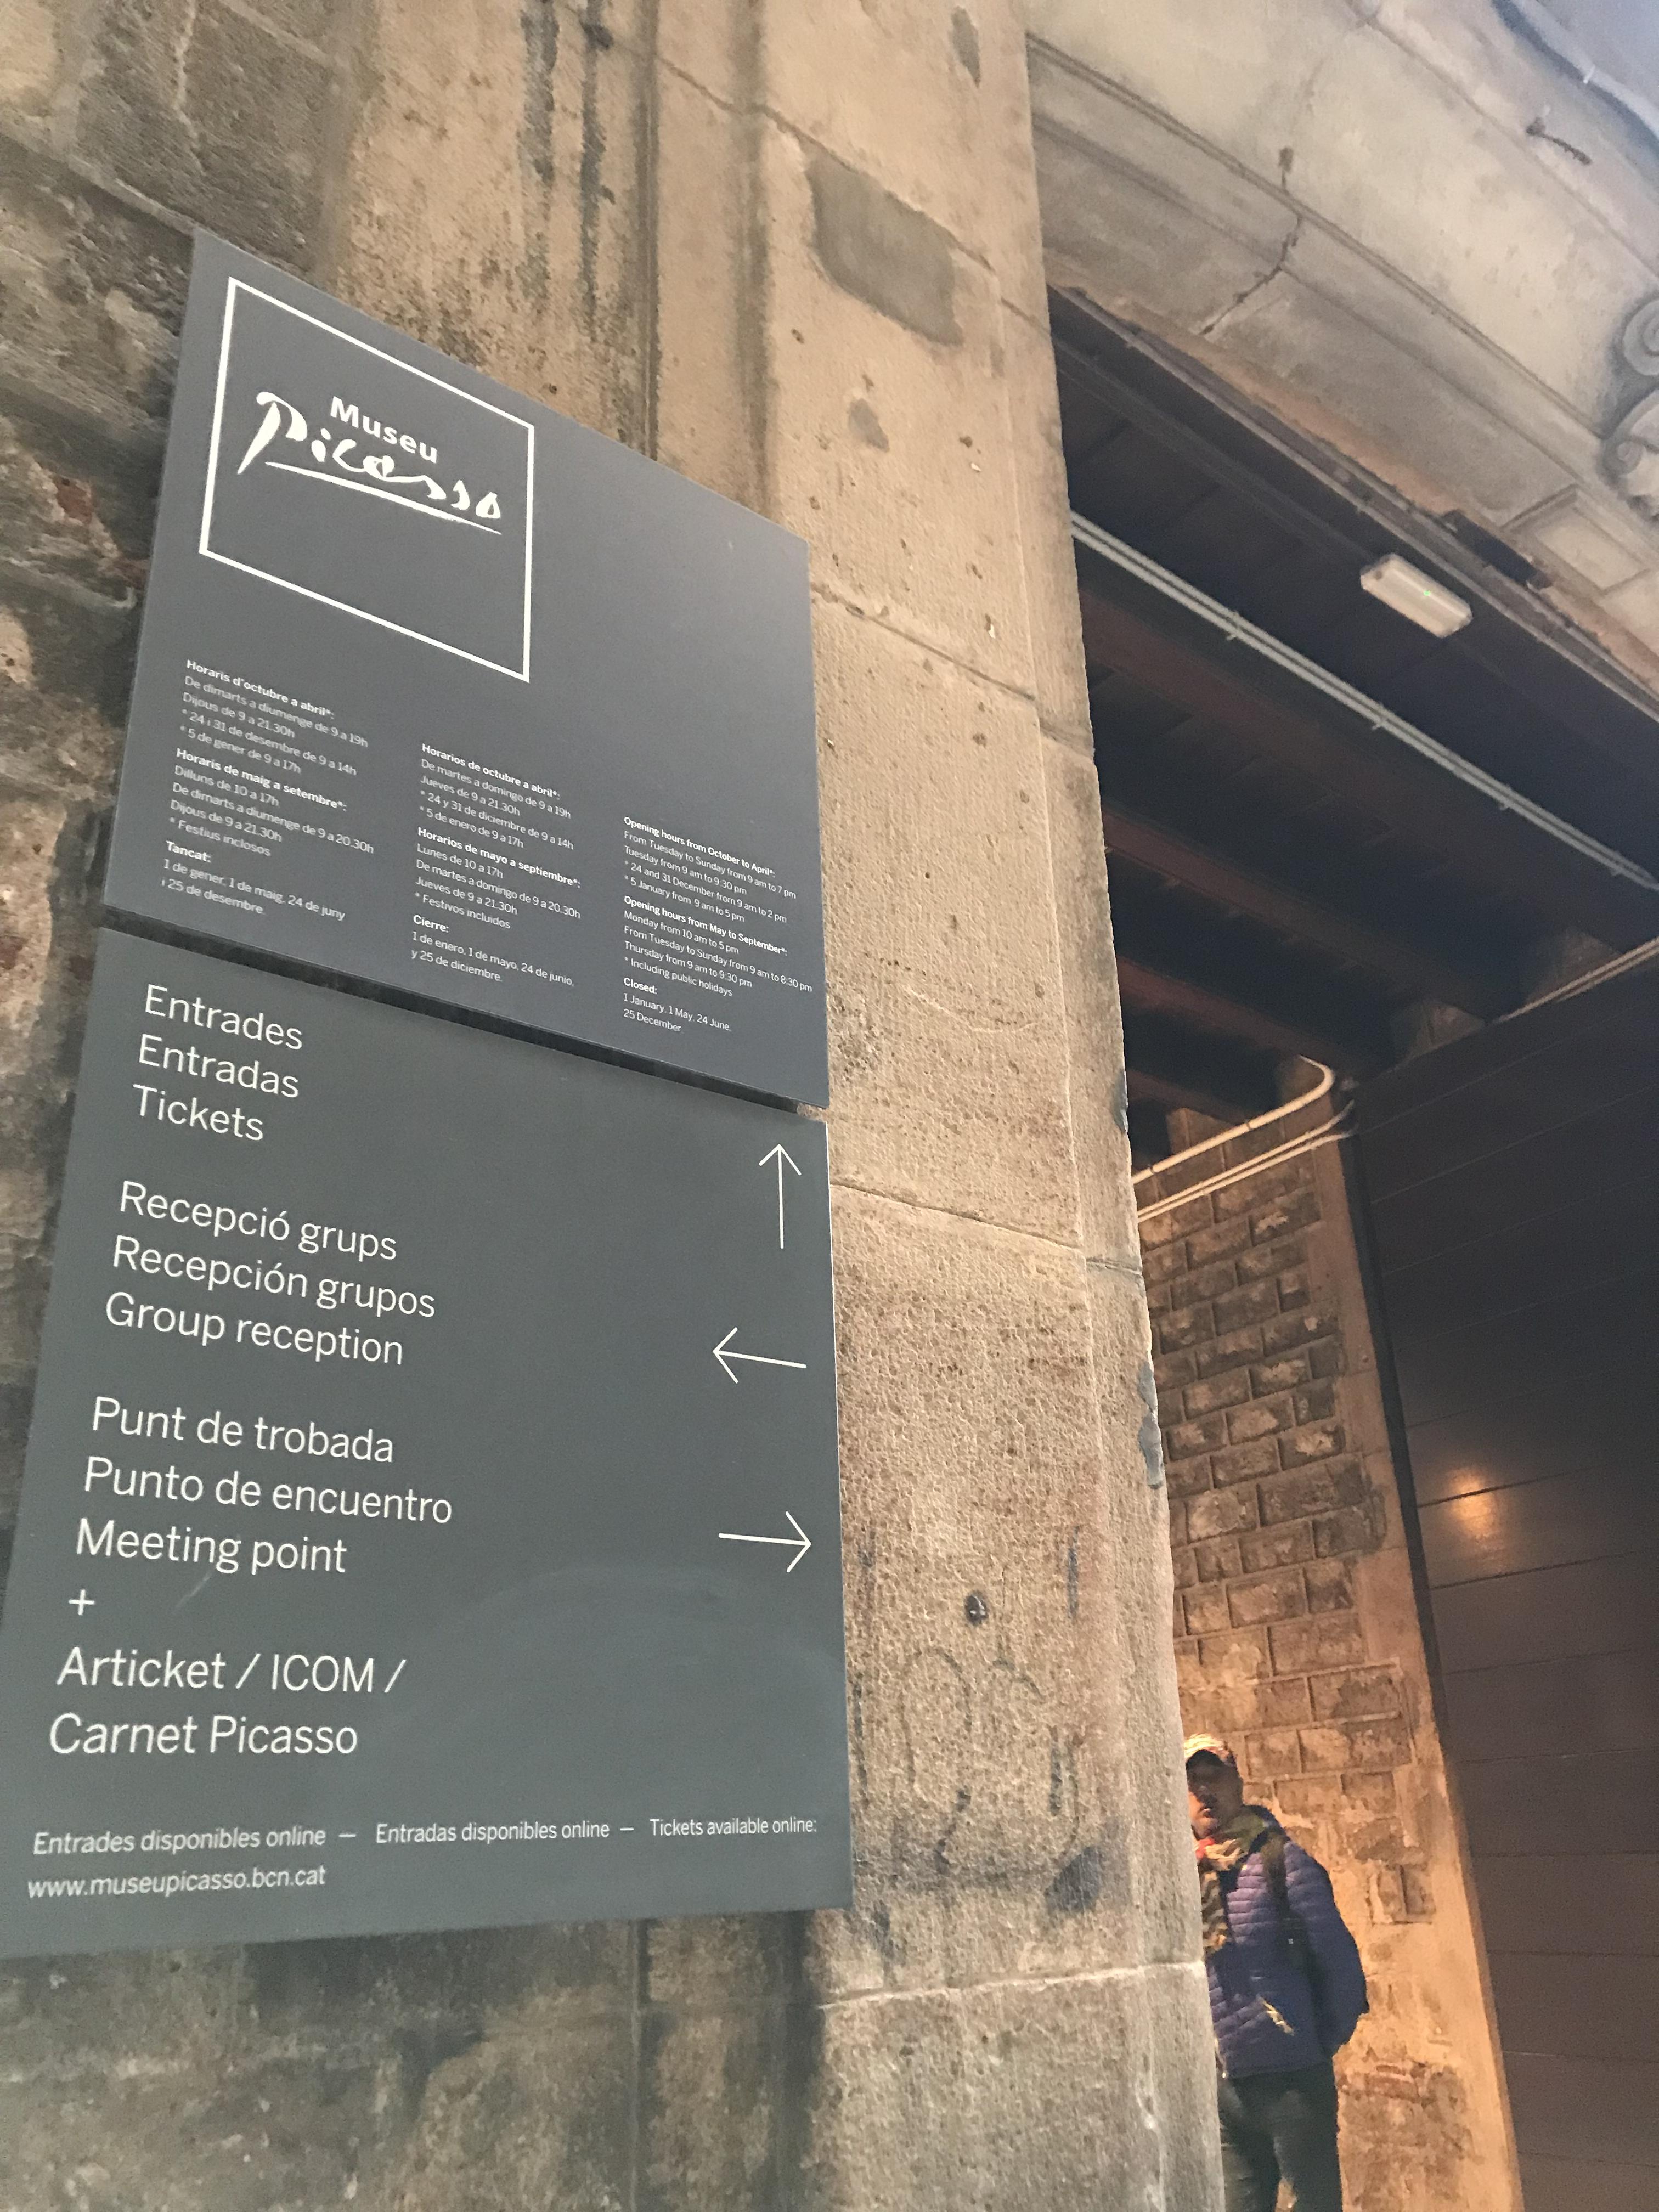 バルセロナ旅行記 ピカソ美術館